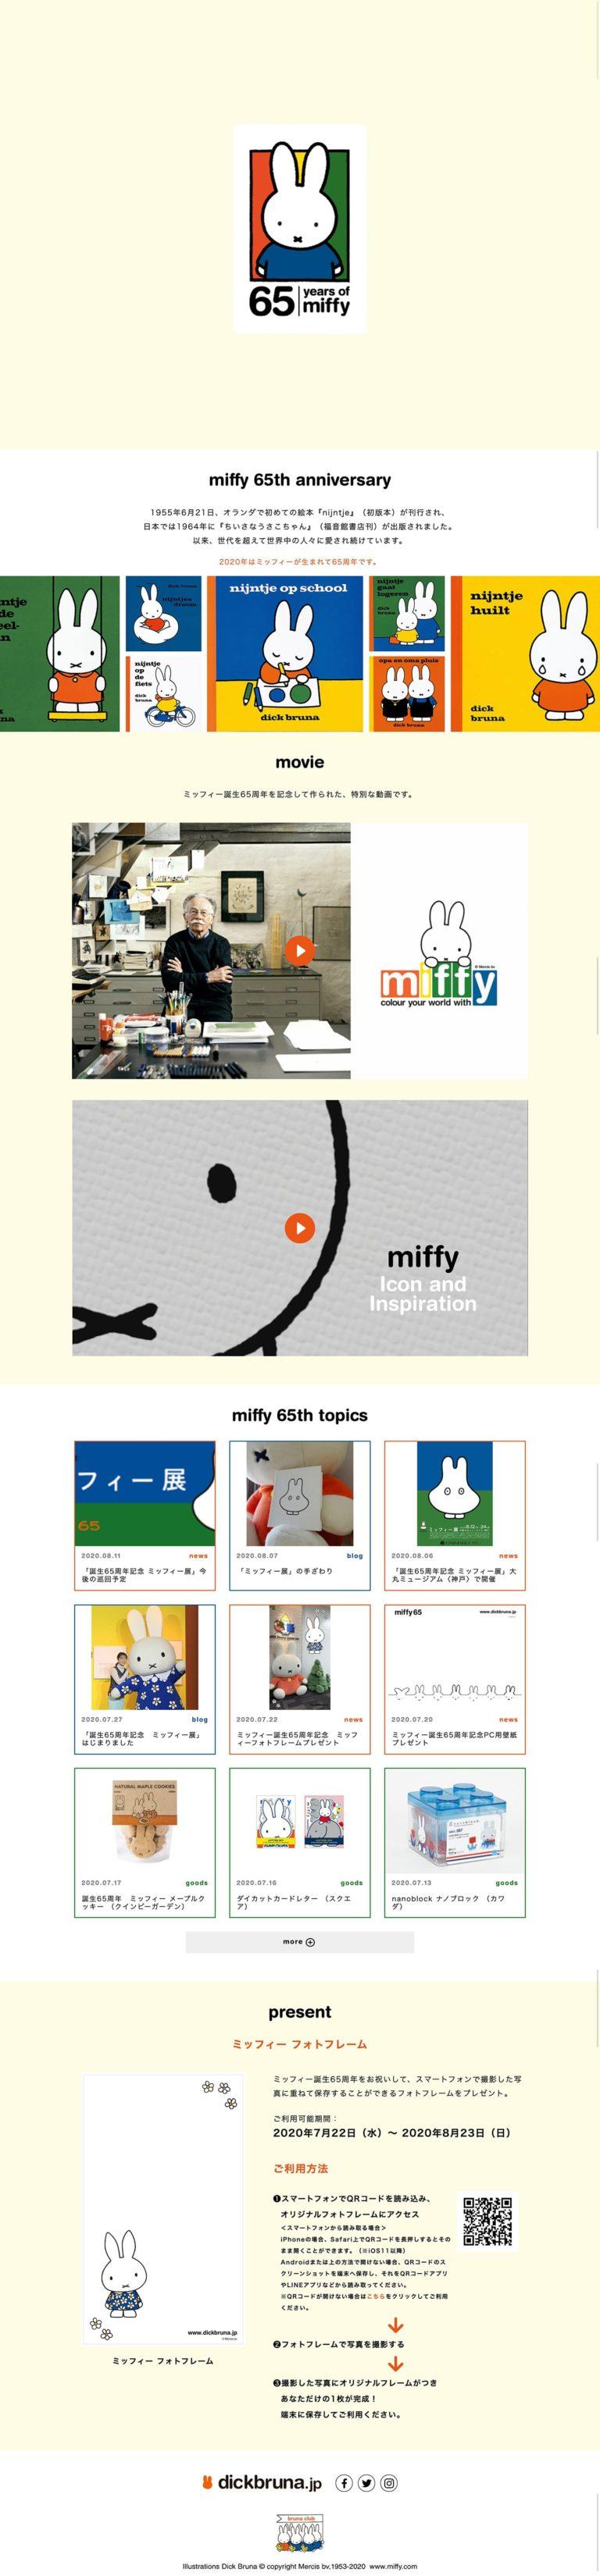 日本のミッフィー誕生65周年サイト